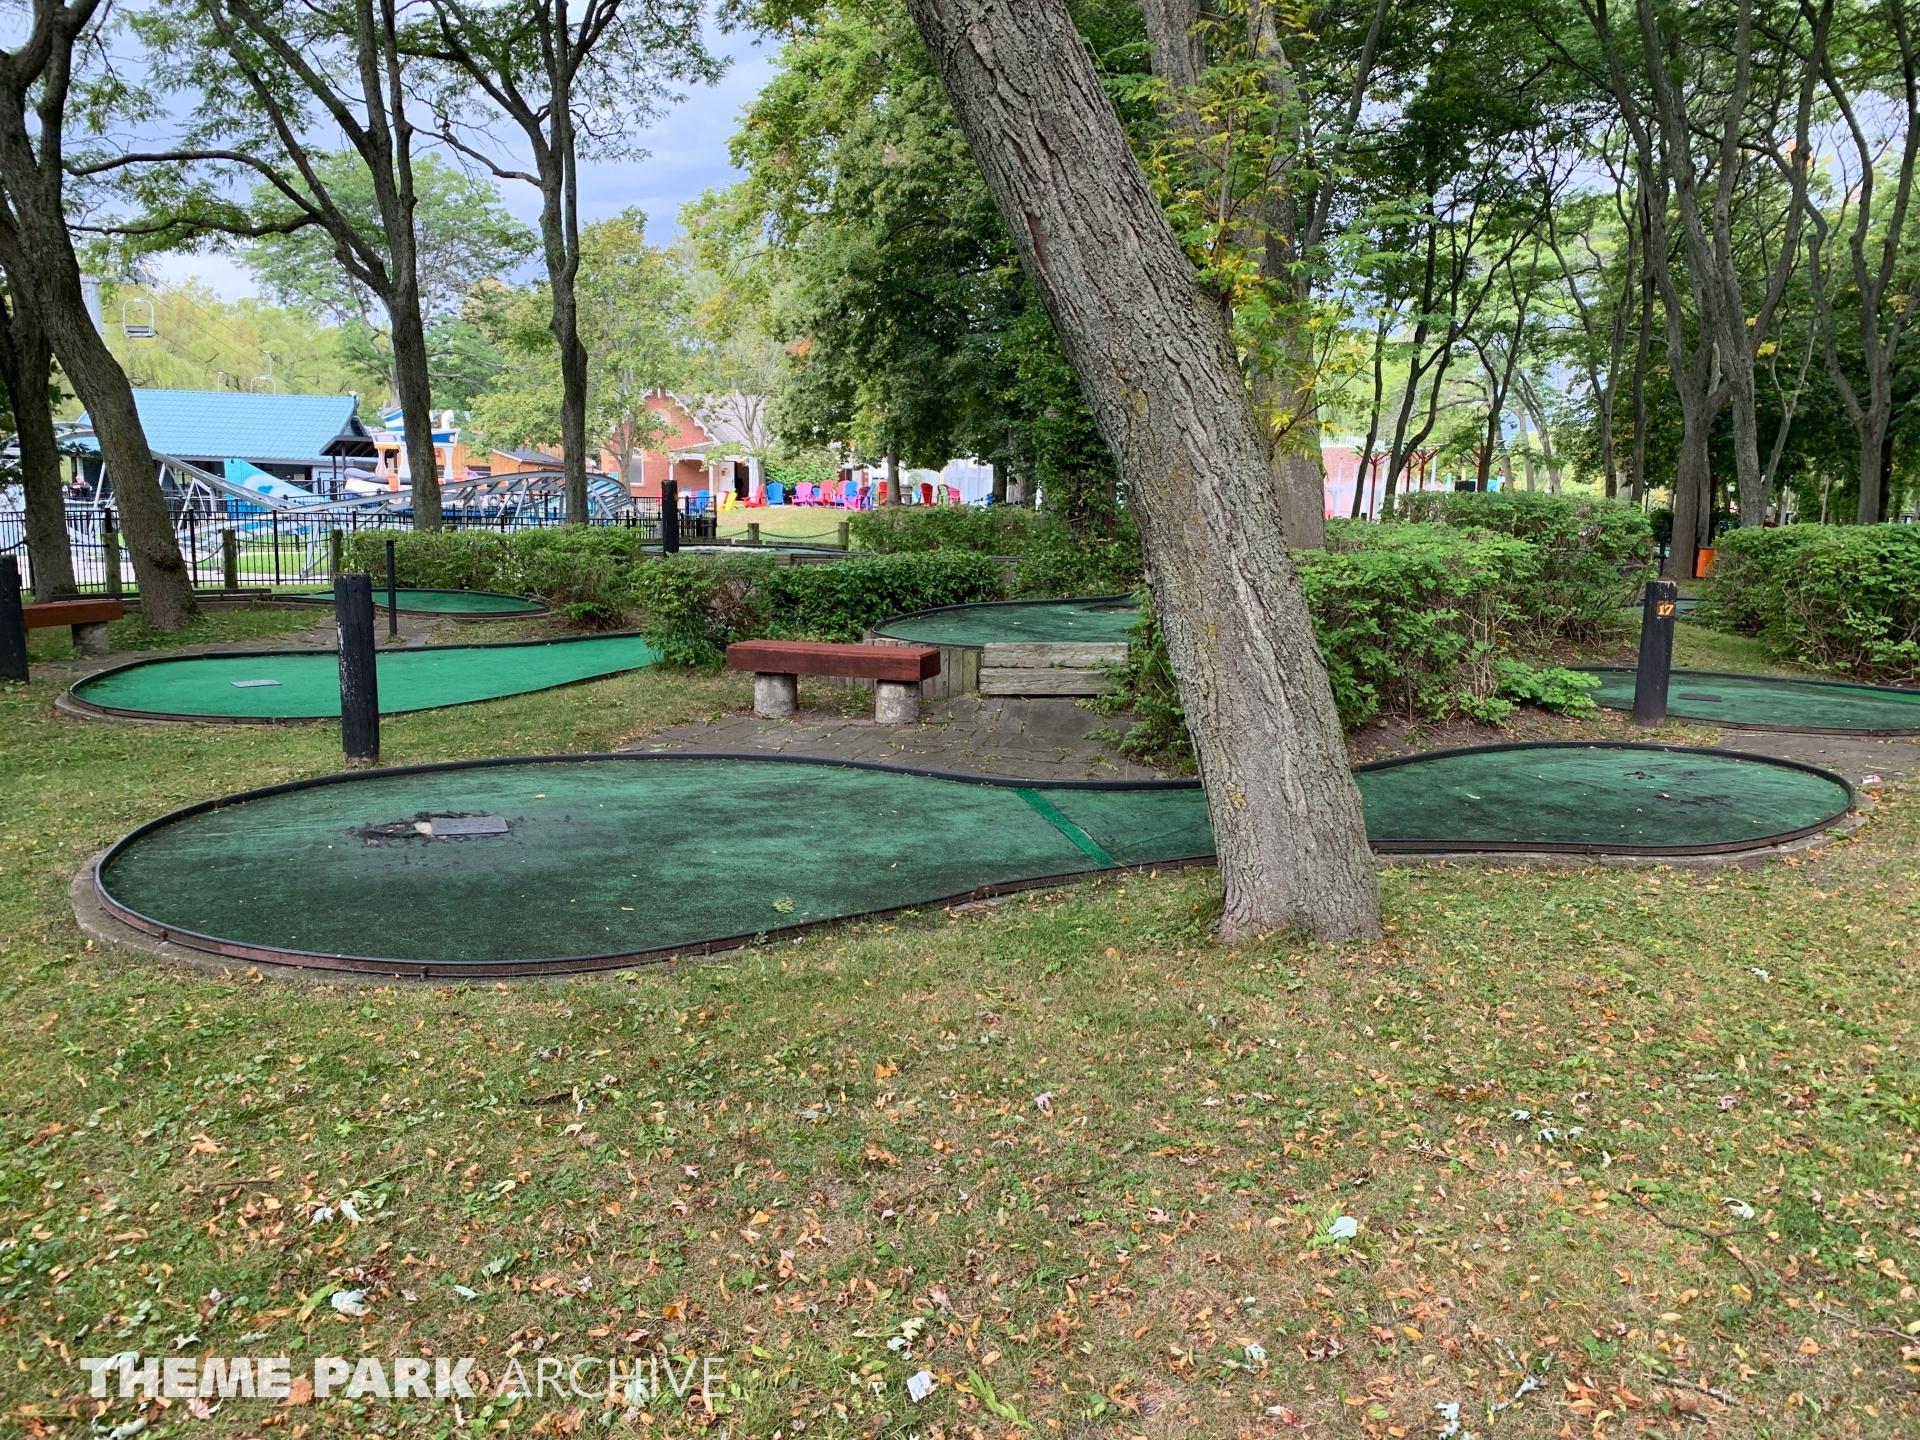 Miniature Golf at Centreville Amusement Park